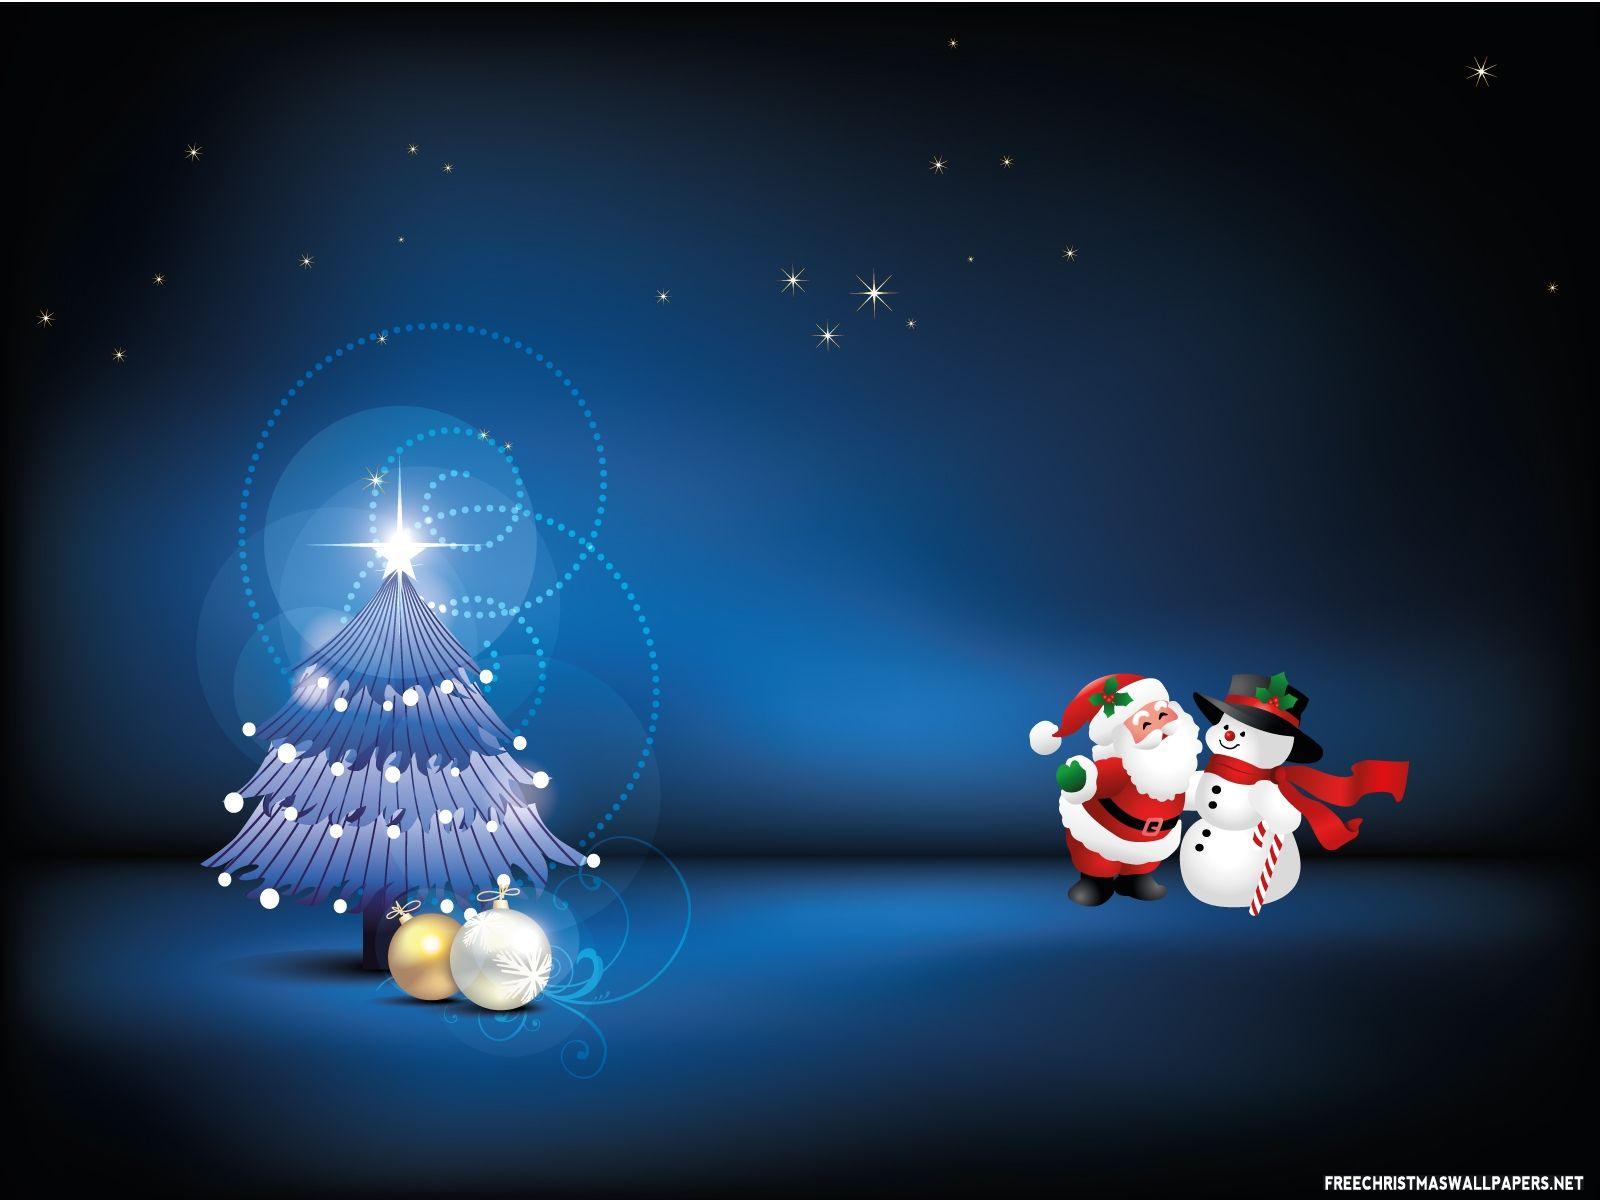 Blue Christmas Tree Animated Christmas Wallpaper Christmas Wallpaper Christmas Desktop Wallpaper Animated beautiful christmas wallpaper